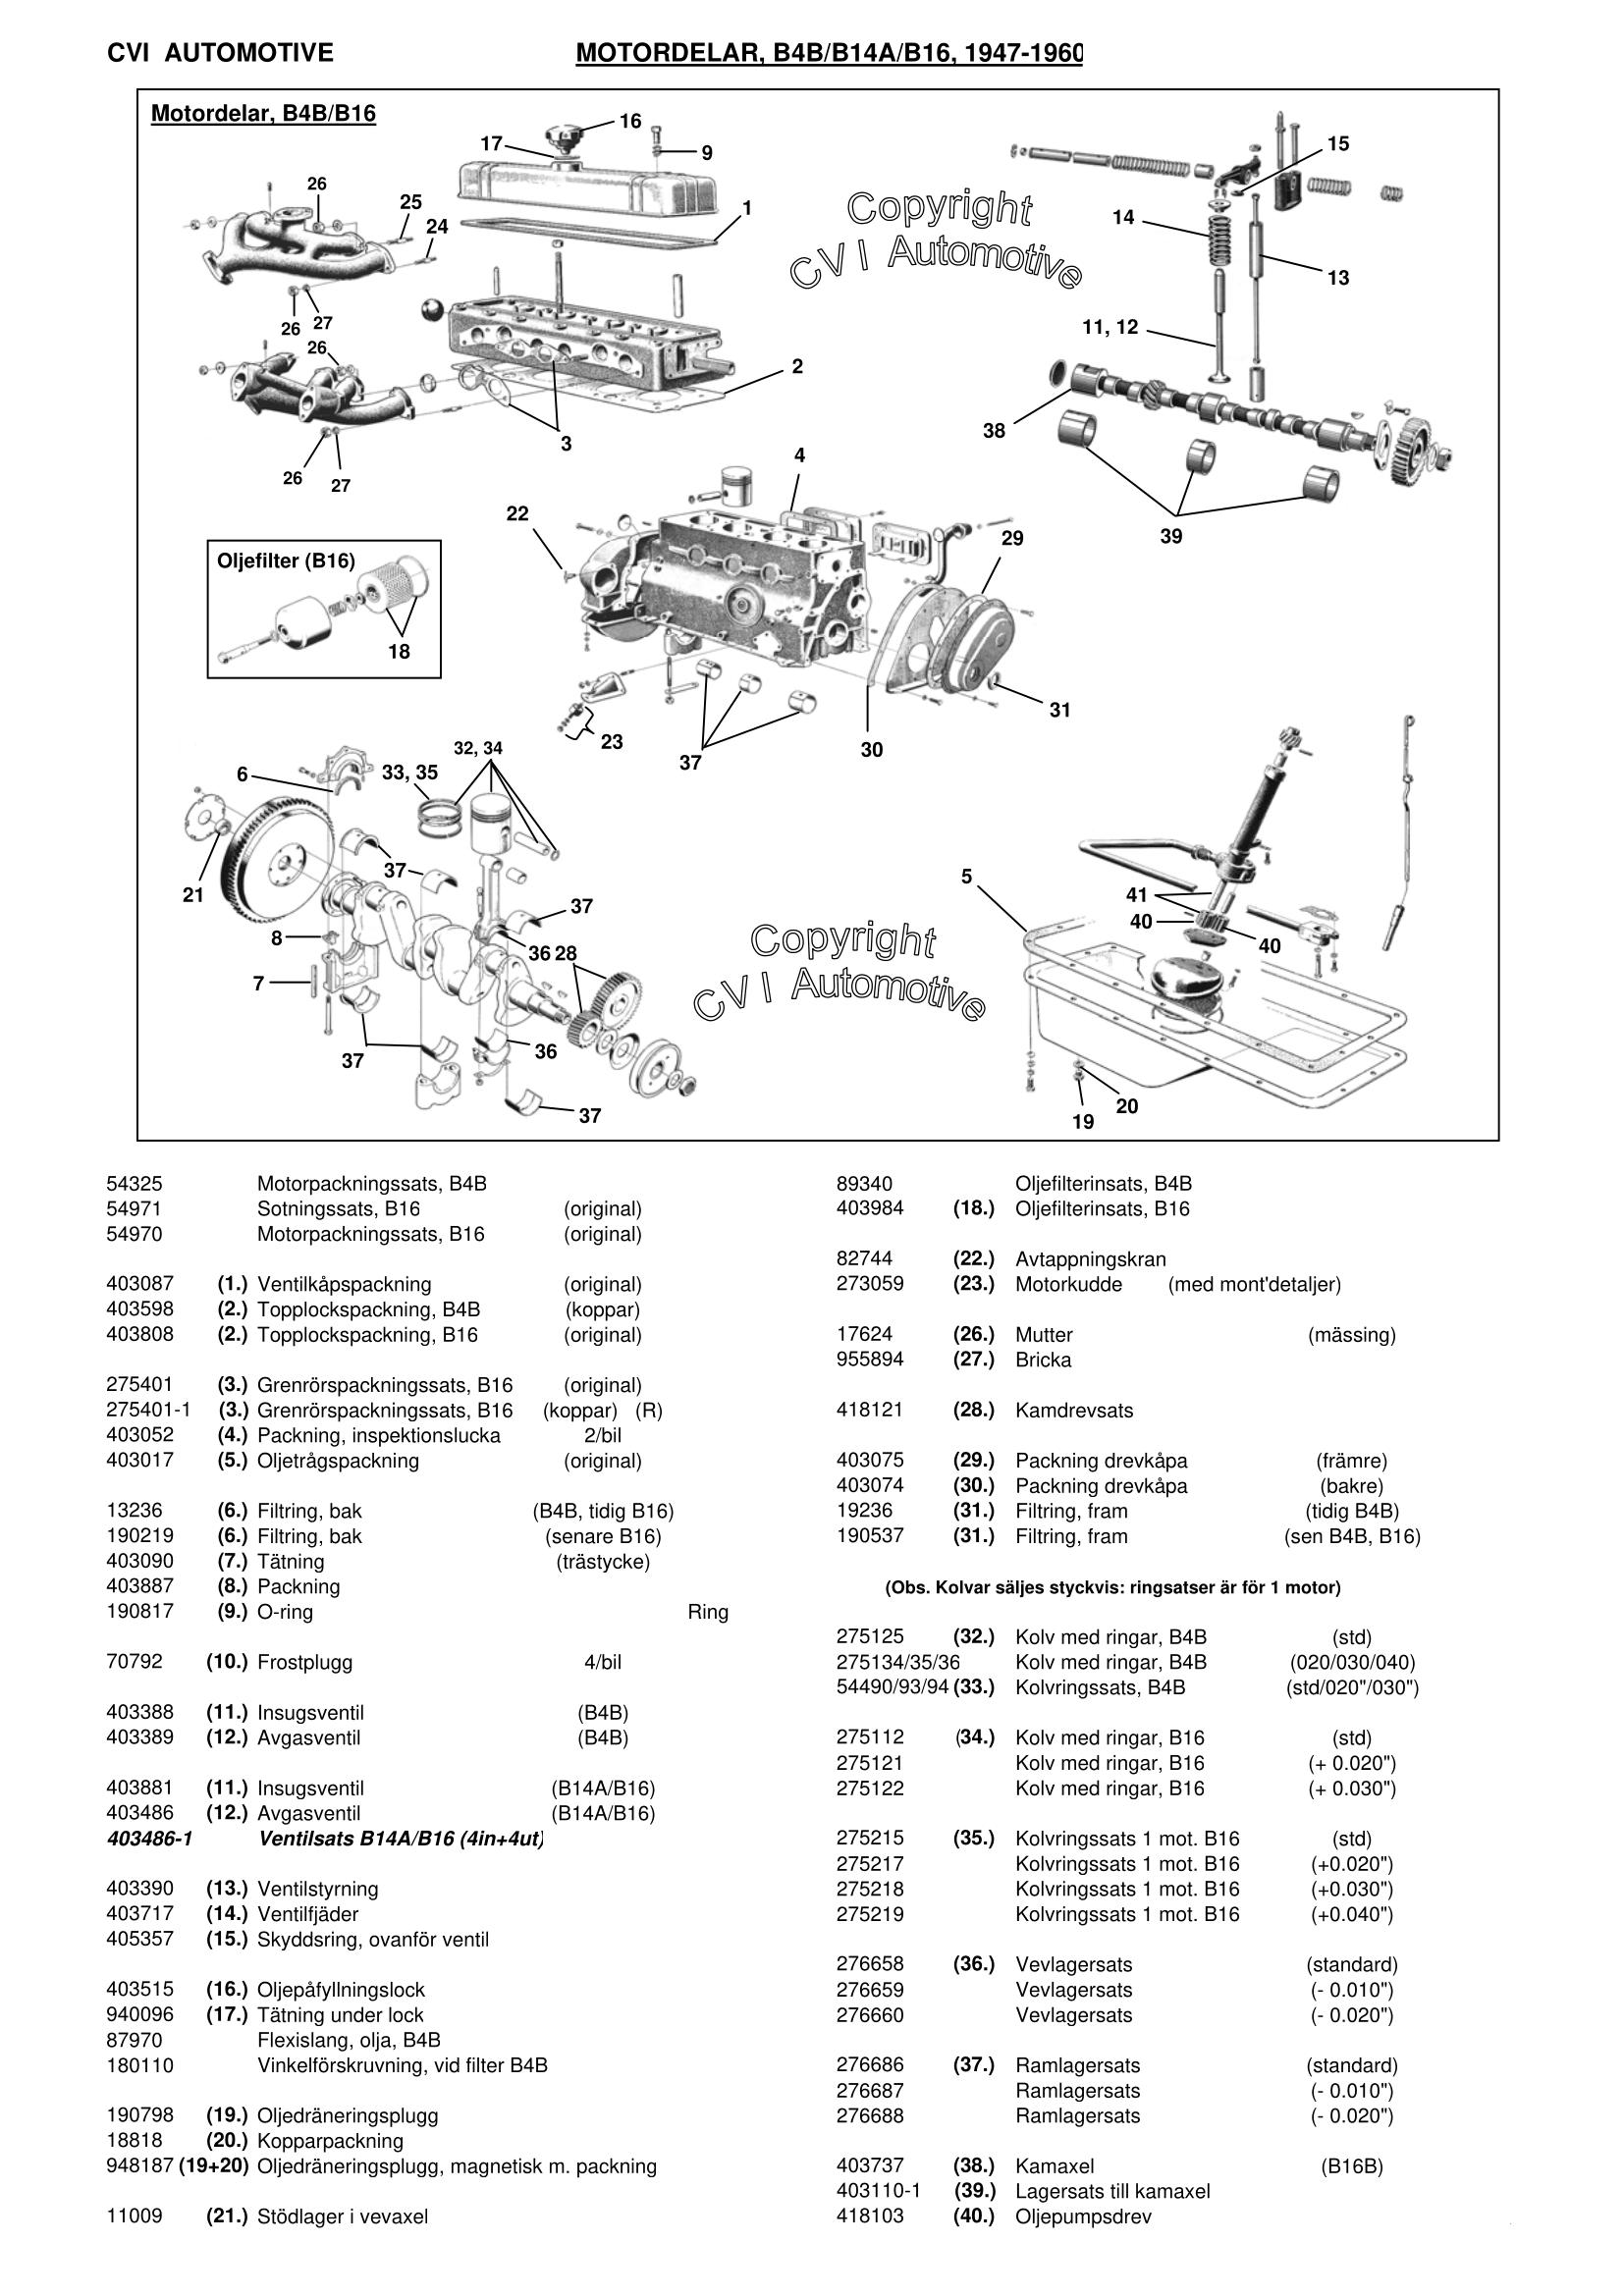 Översiktsbild över motordelar för B4B och B16-motorerna för PV/Duett